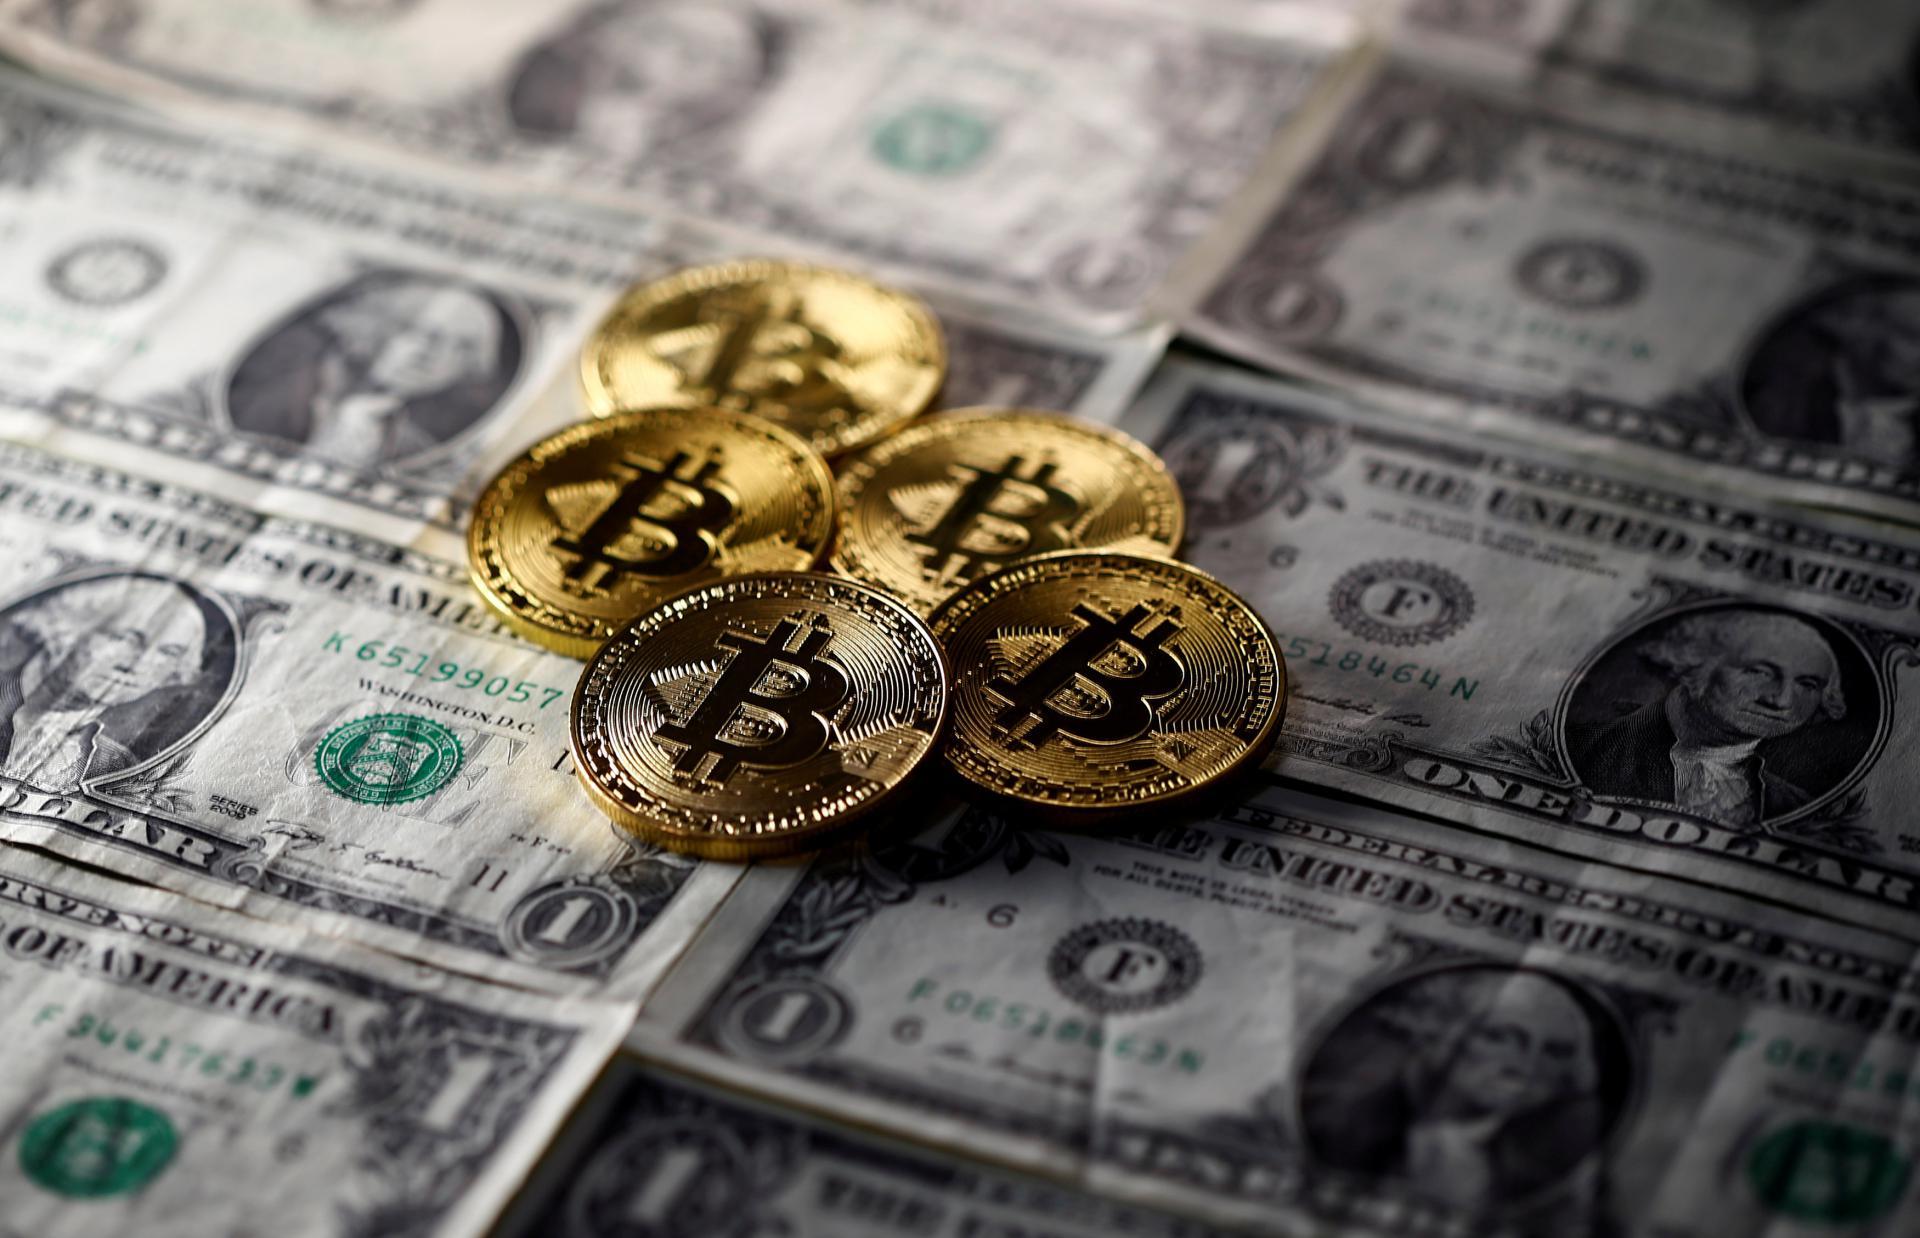 slike koje prikazuju pametno ulaganje s bitcoinima minimalno kripto ulaganje